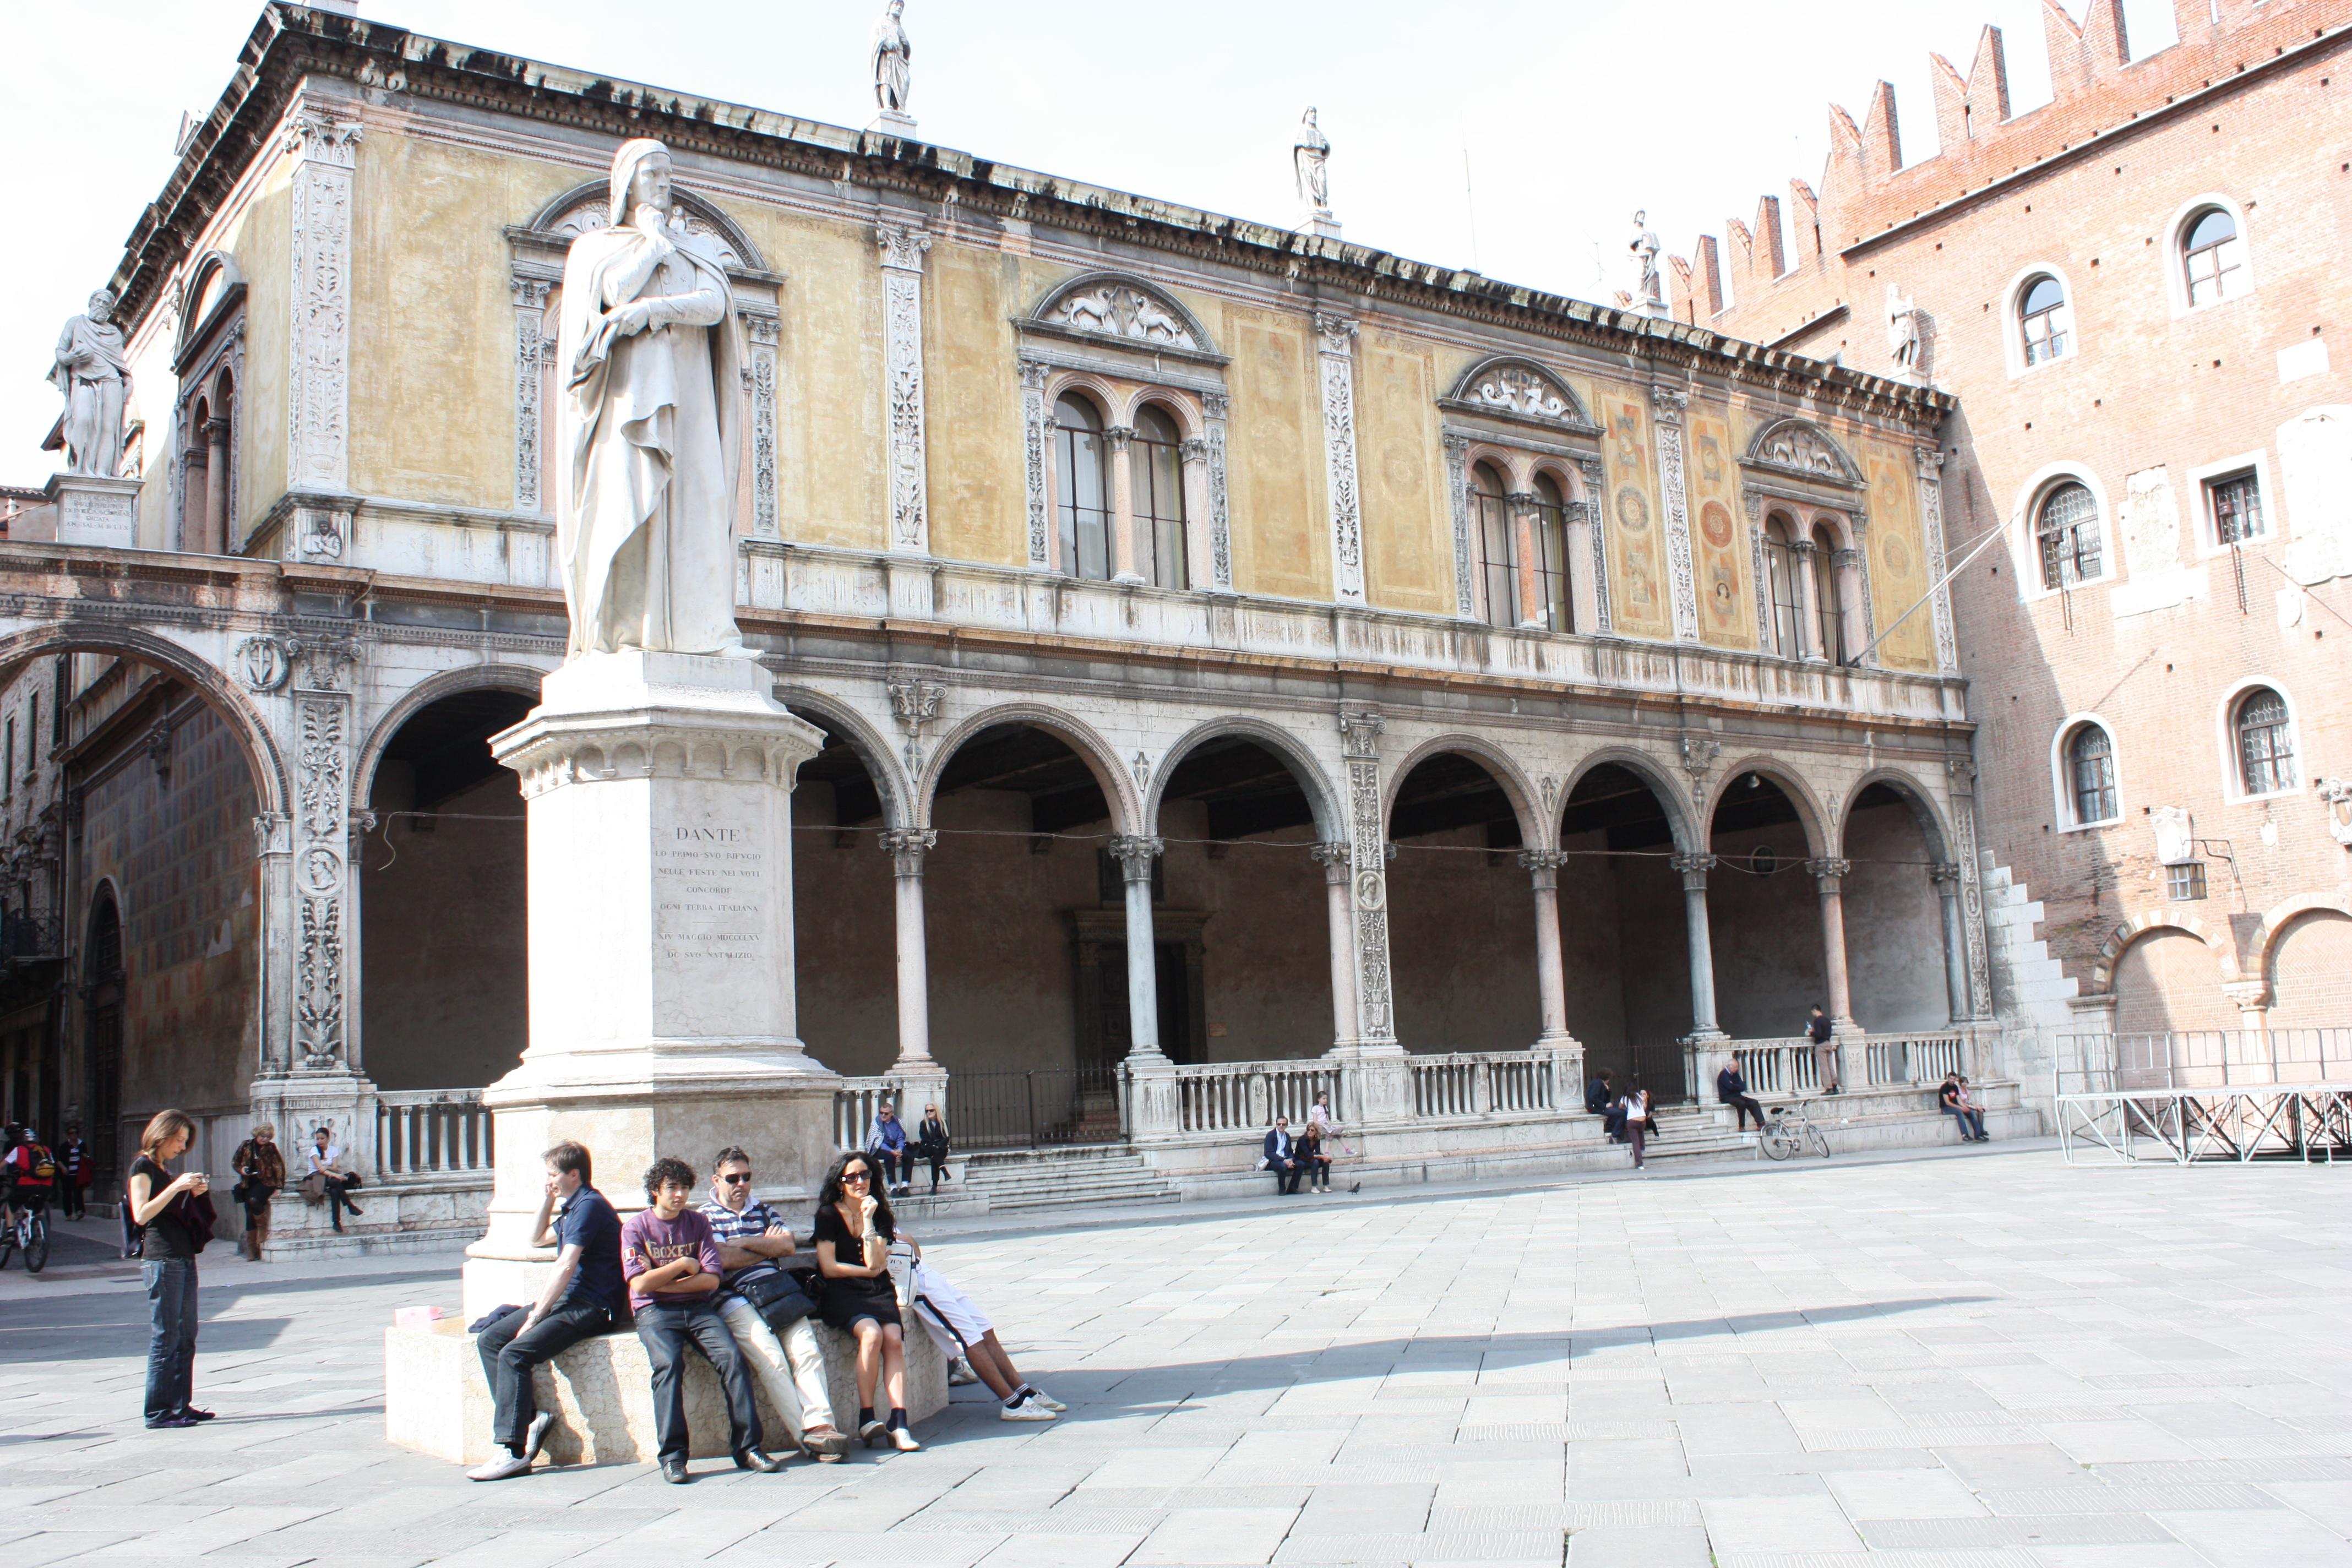 Estátua de Dante Alighieri: ponto privilegiado de observação